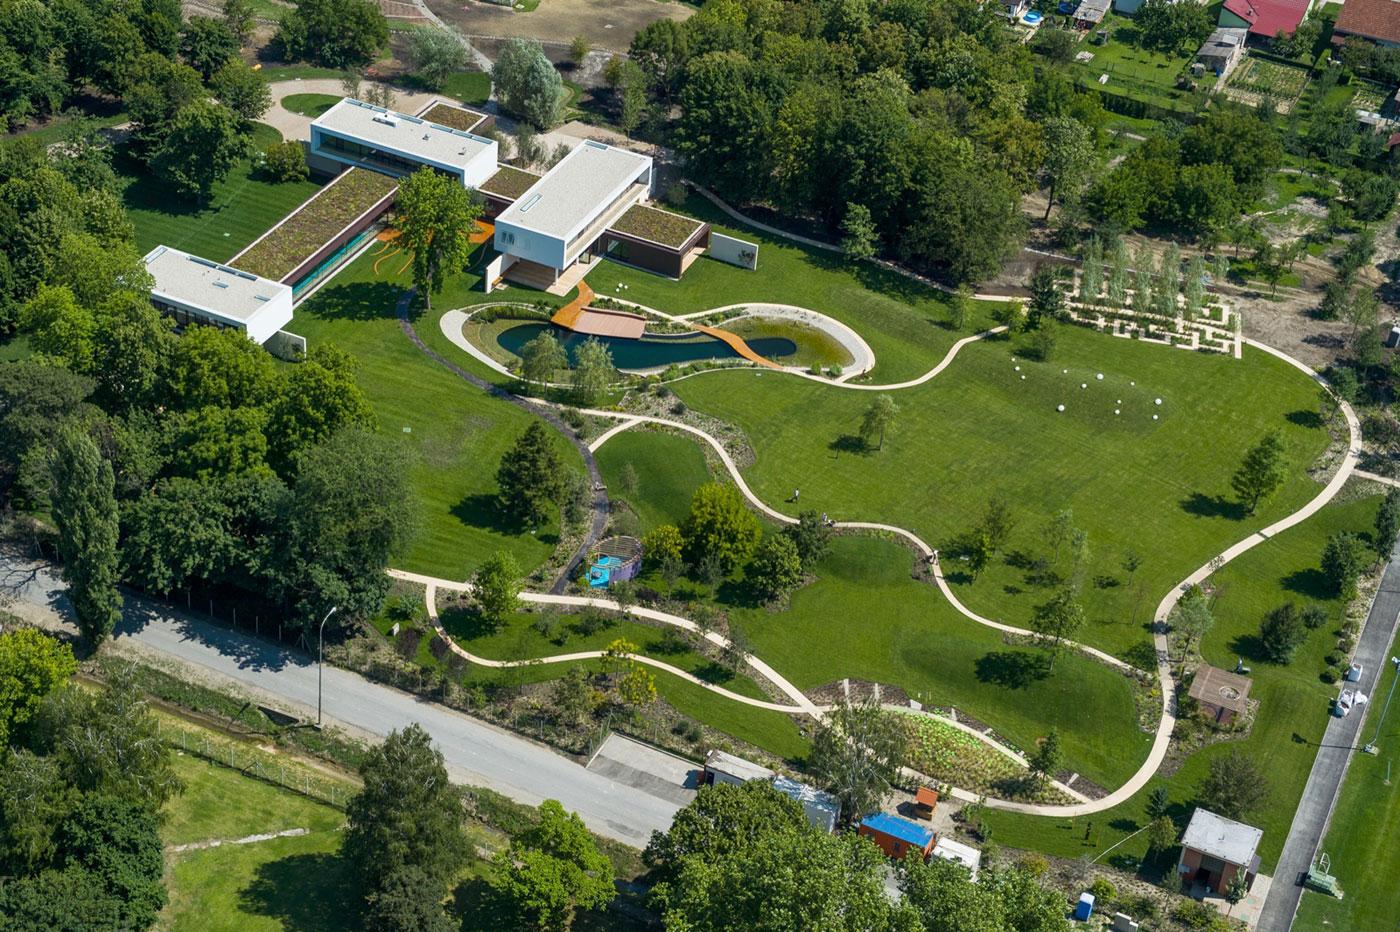 Частная вилла с потрясающим ландшафтным парком в Чепине, Хорватия